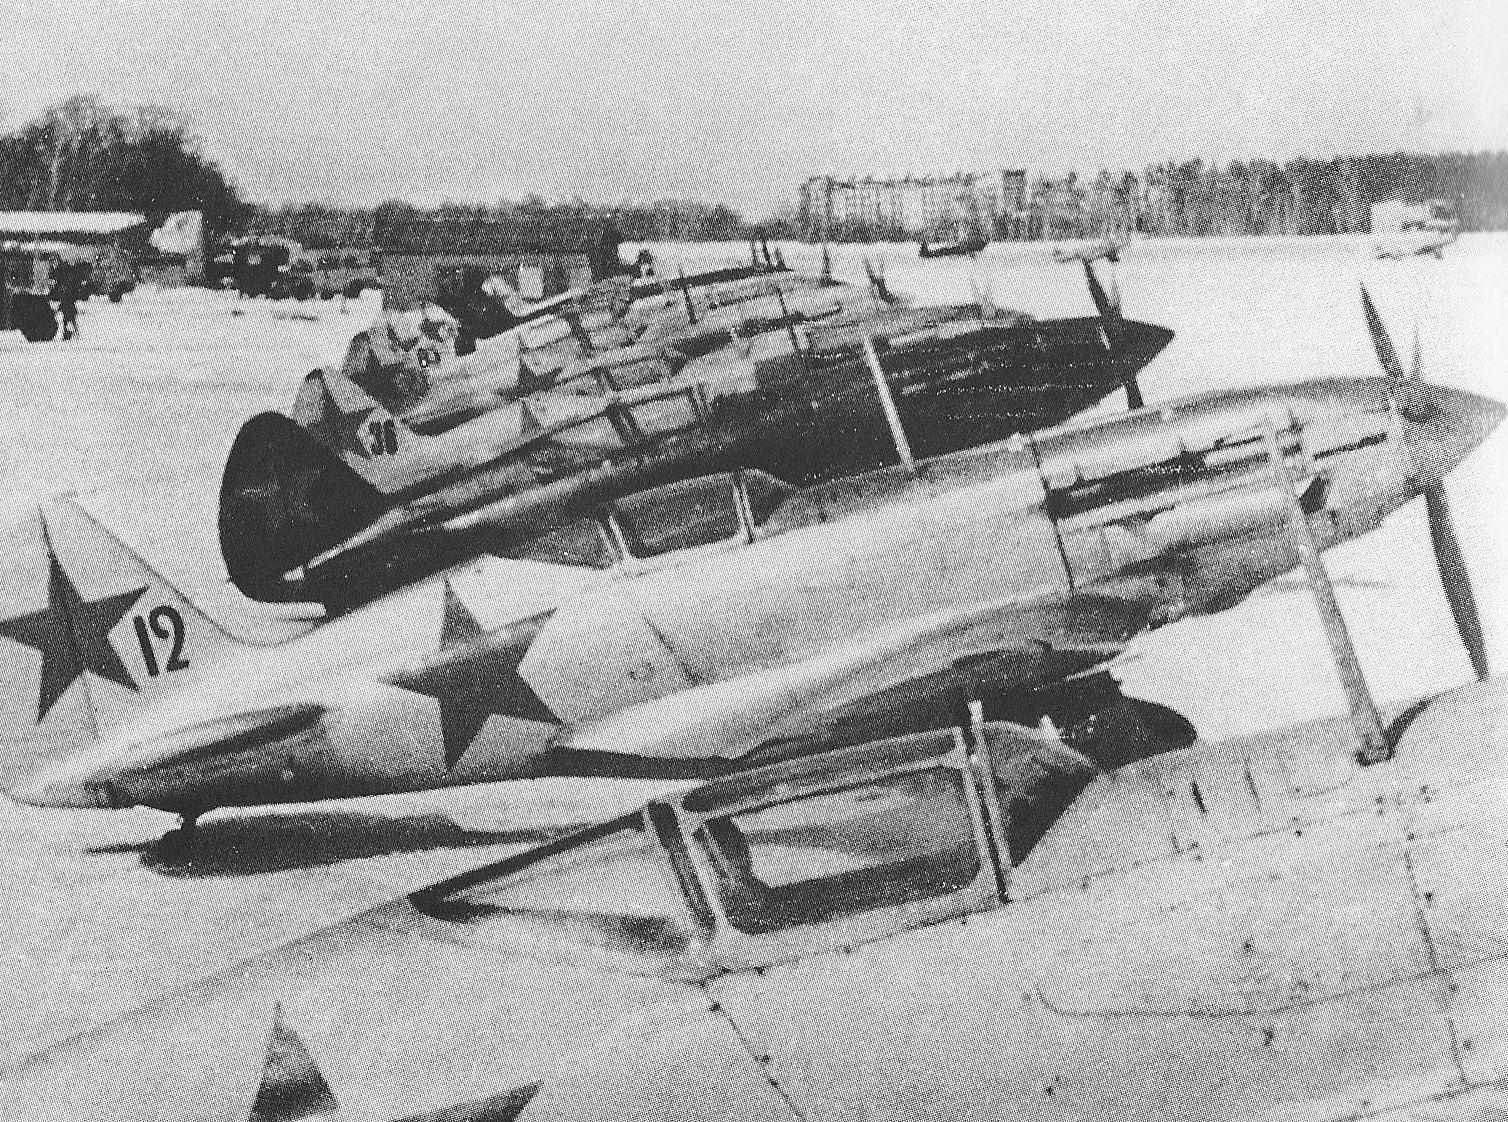 Реорганизация ВВС и ПВО Красной Армии 1942 года